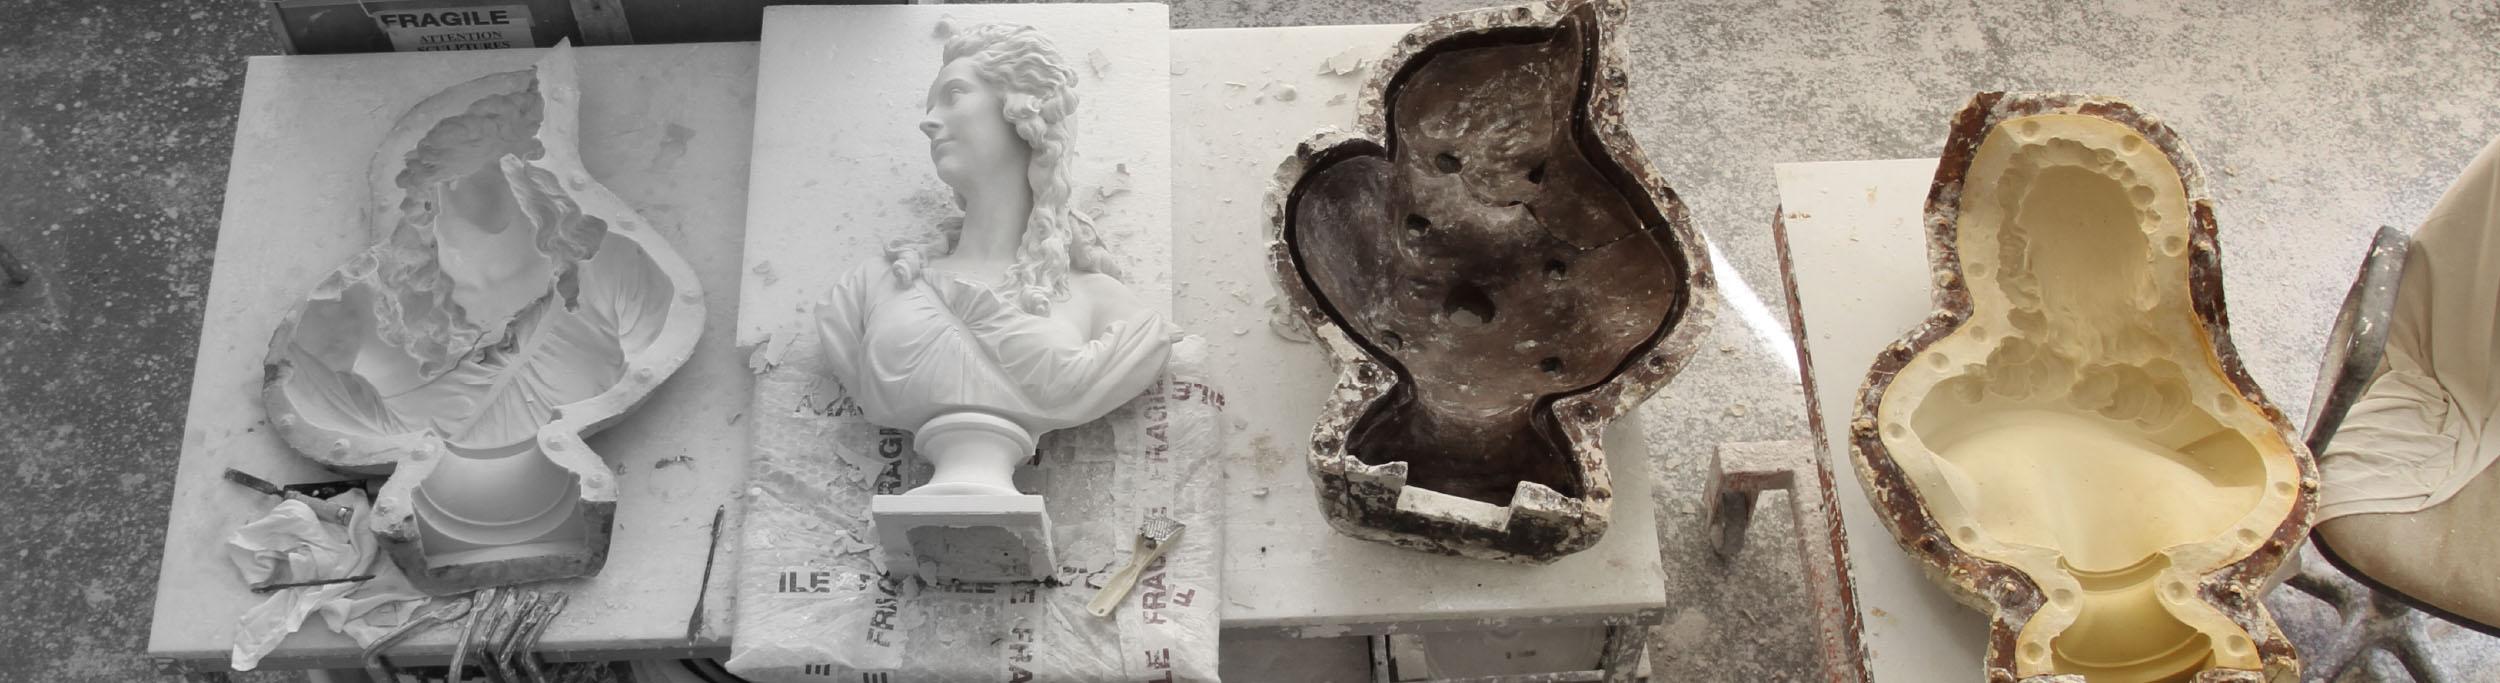 De la fabrication d'un moule en silicone au tirage d'un moulage en résine, plâtre ou bronze - Atelier de moulages du Louvre